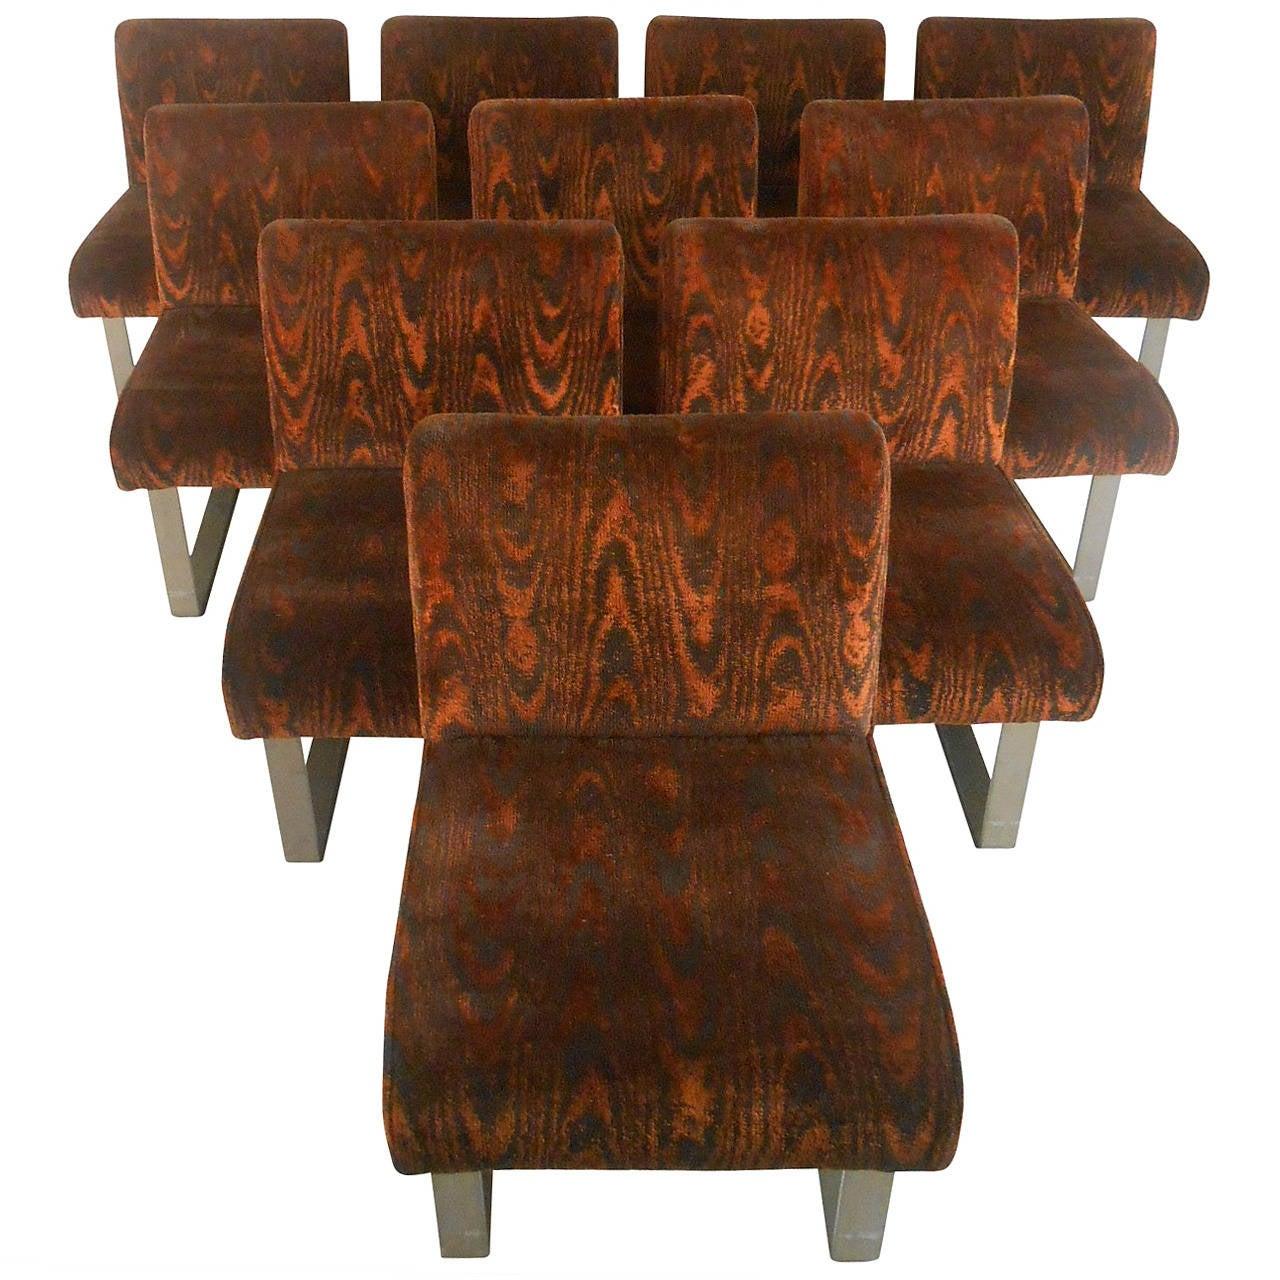 Ten Vintage Modern Dining Chairs after Vladimir Kagan